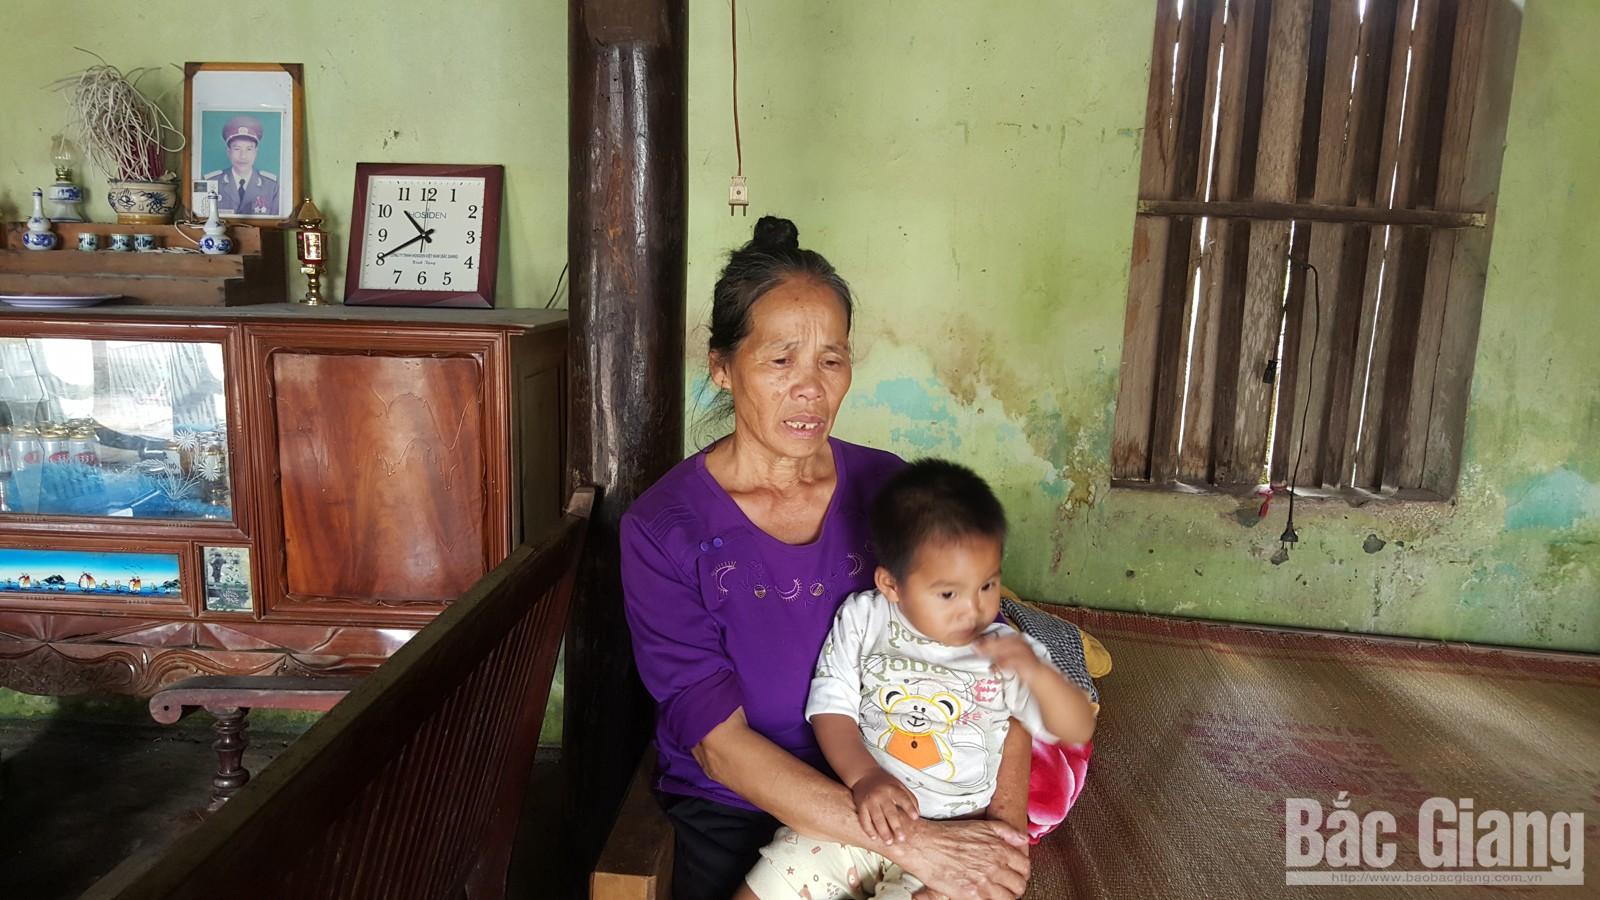 Chủ tịch UBND tỉnh Bắc Giang chỉ đạo kiểm tra, xác minh việc bình xét hộ nghèo ở xã Long Sơn